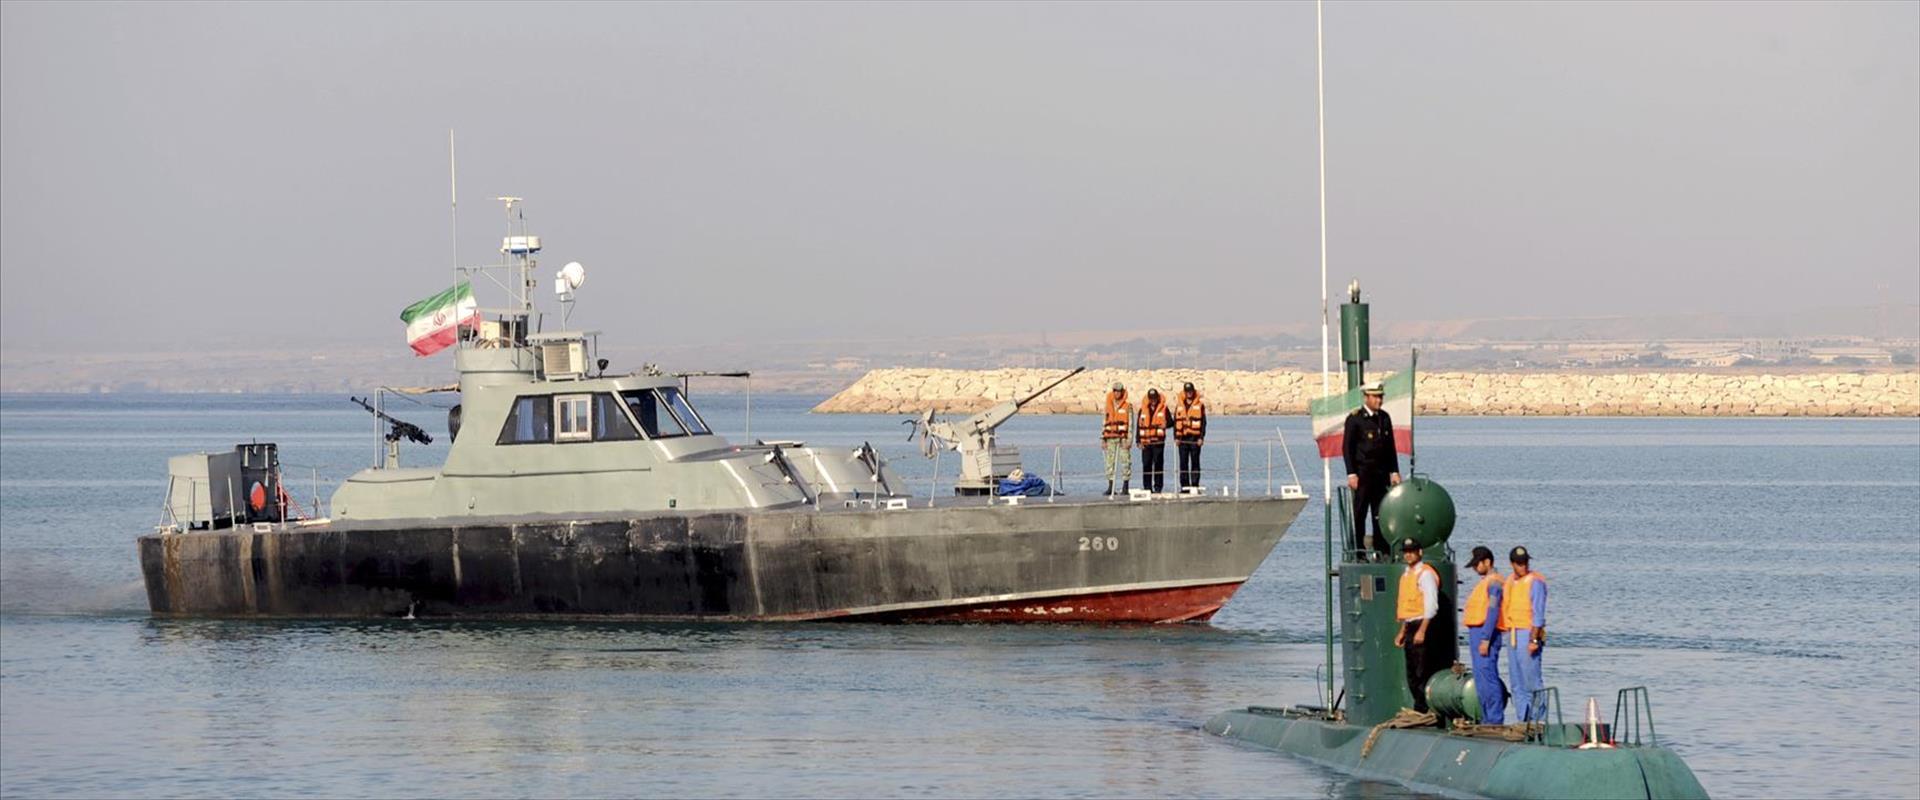 כוח ימי של משמרות המהפכה האיראן, ב-2011